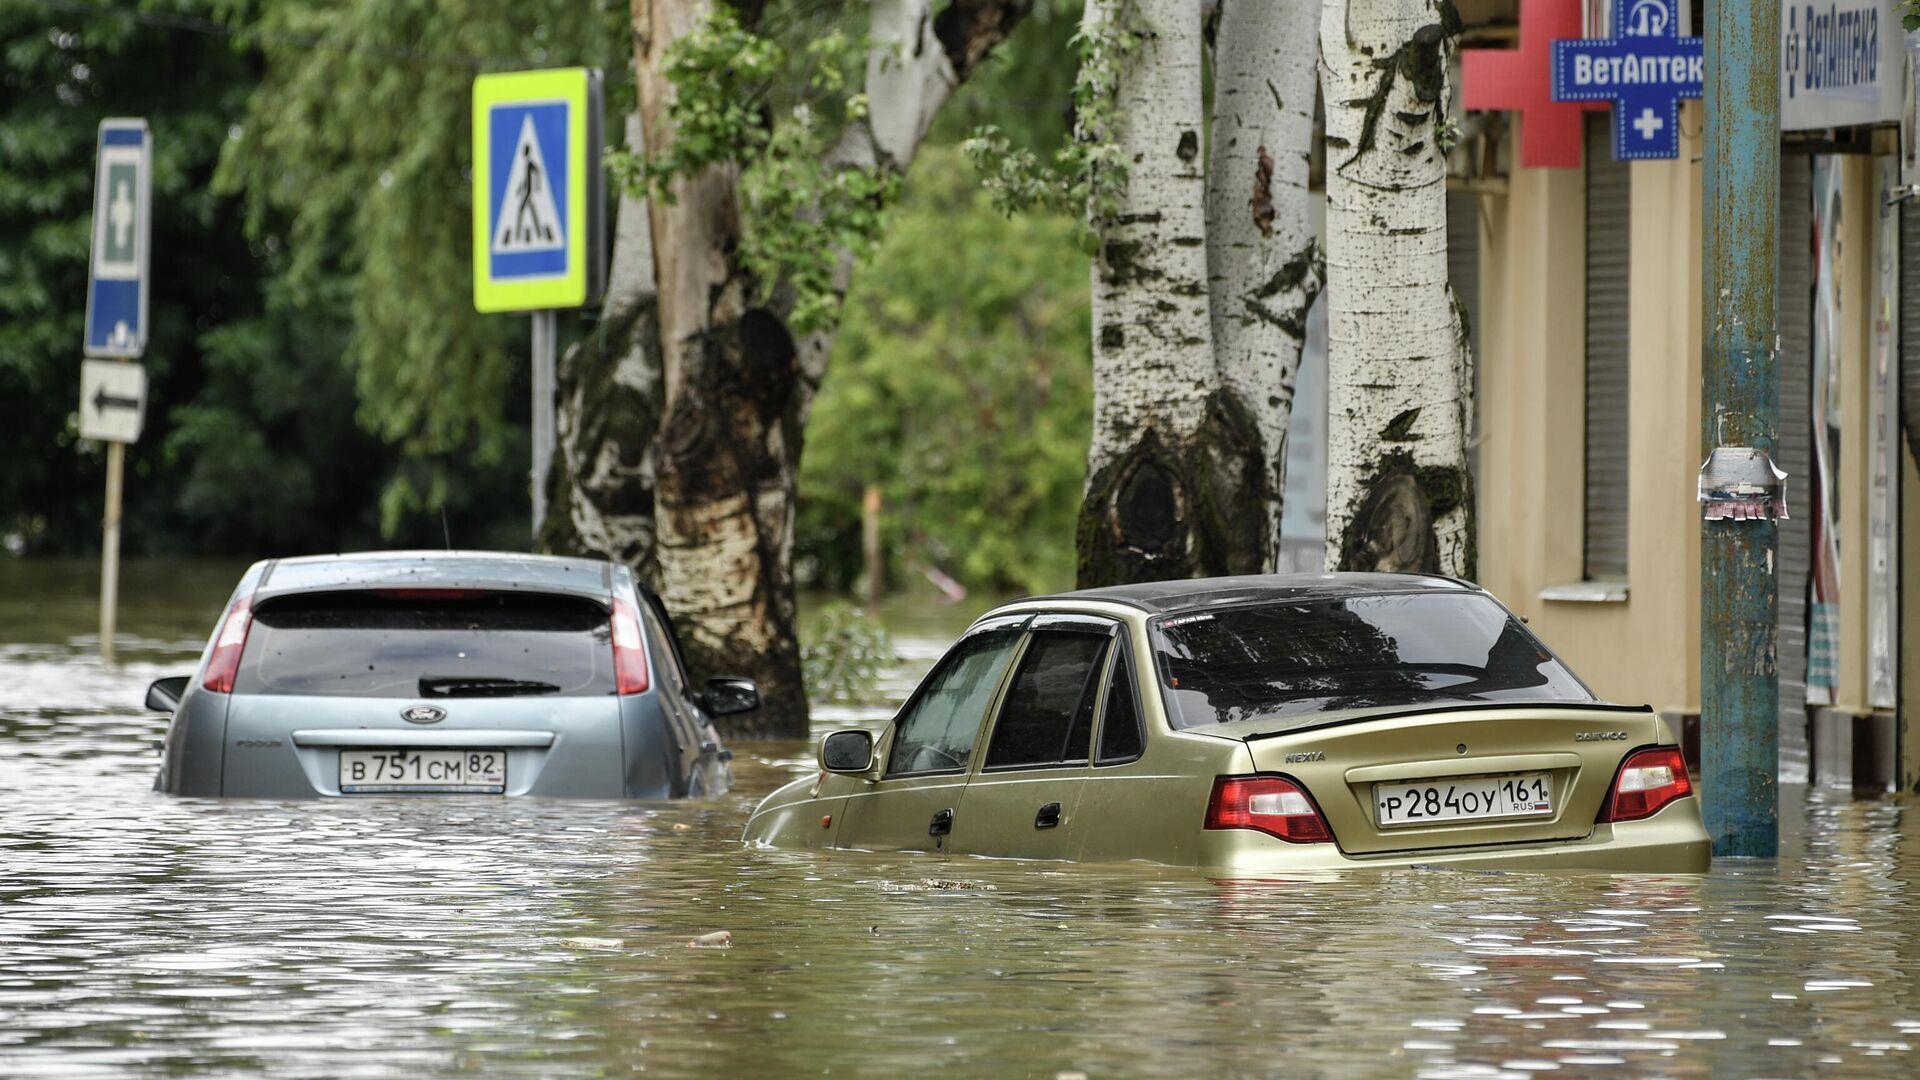 Inundaciones en Crimea - Sputnik Mundo, 1920, 19.06.2021